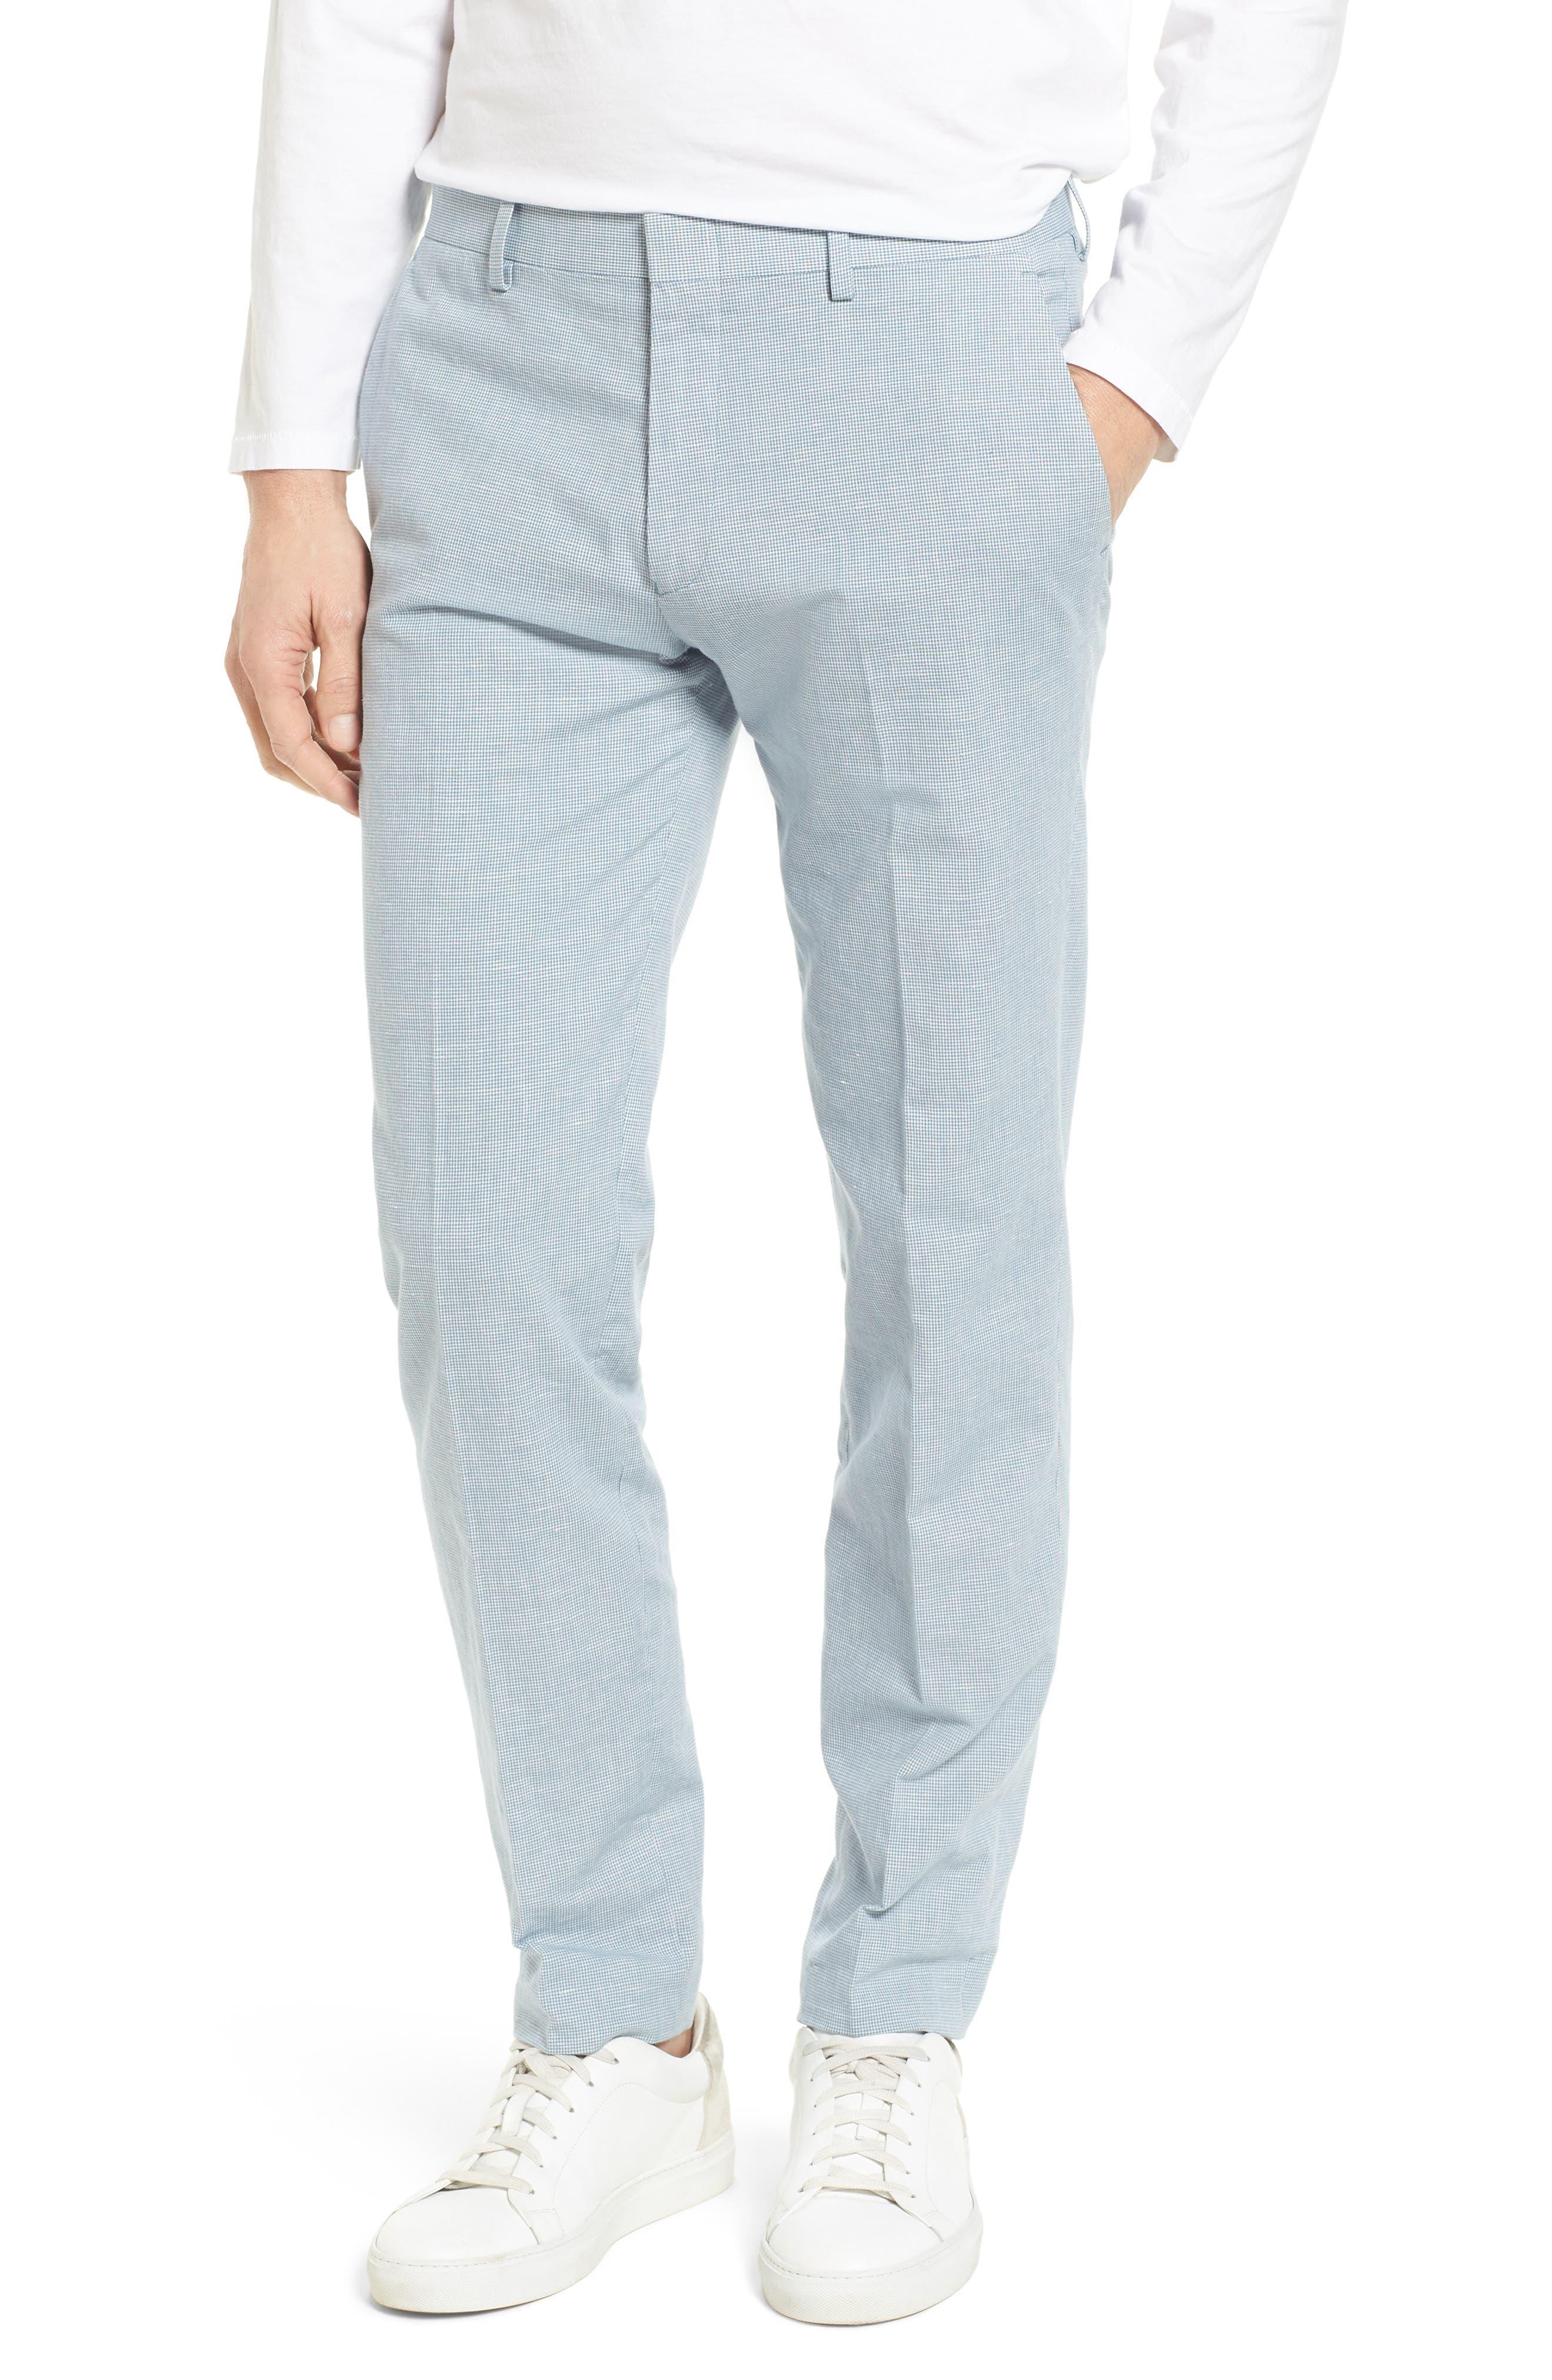 J.Crew Ludlow Trim Fit Houndstooth Cotton & Linen Suit Pants,                         Main,                         color, Light Blue